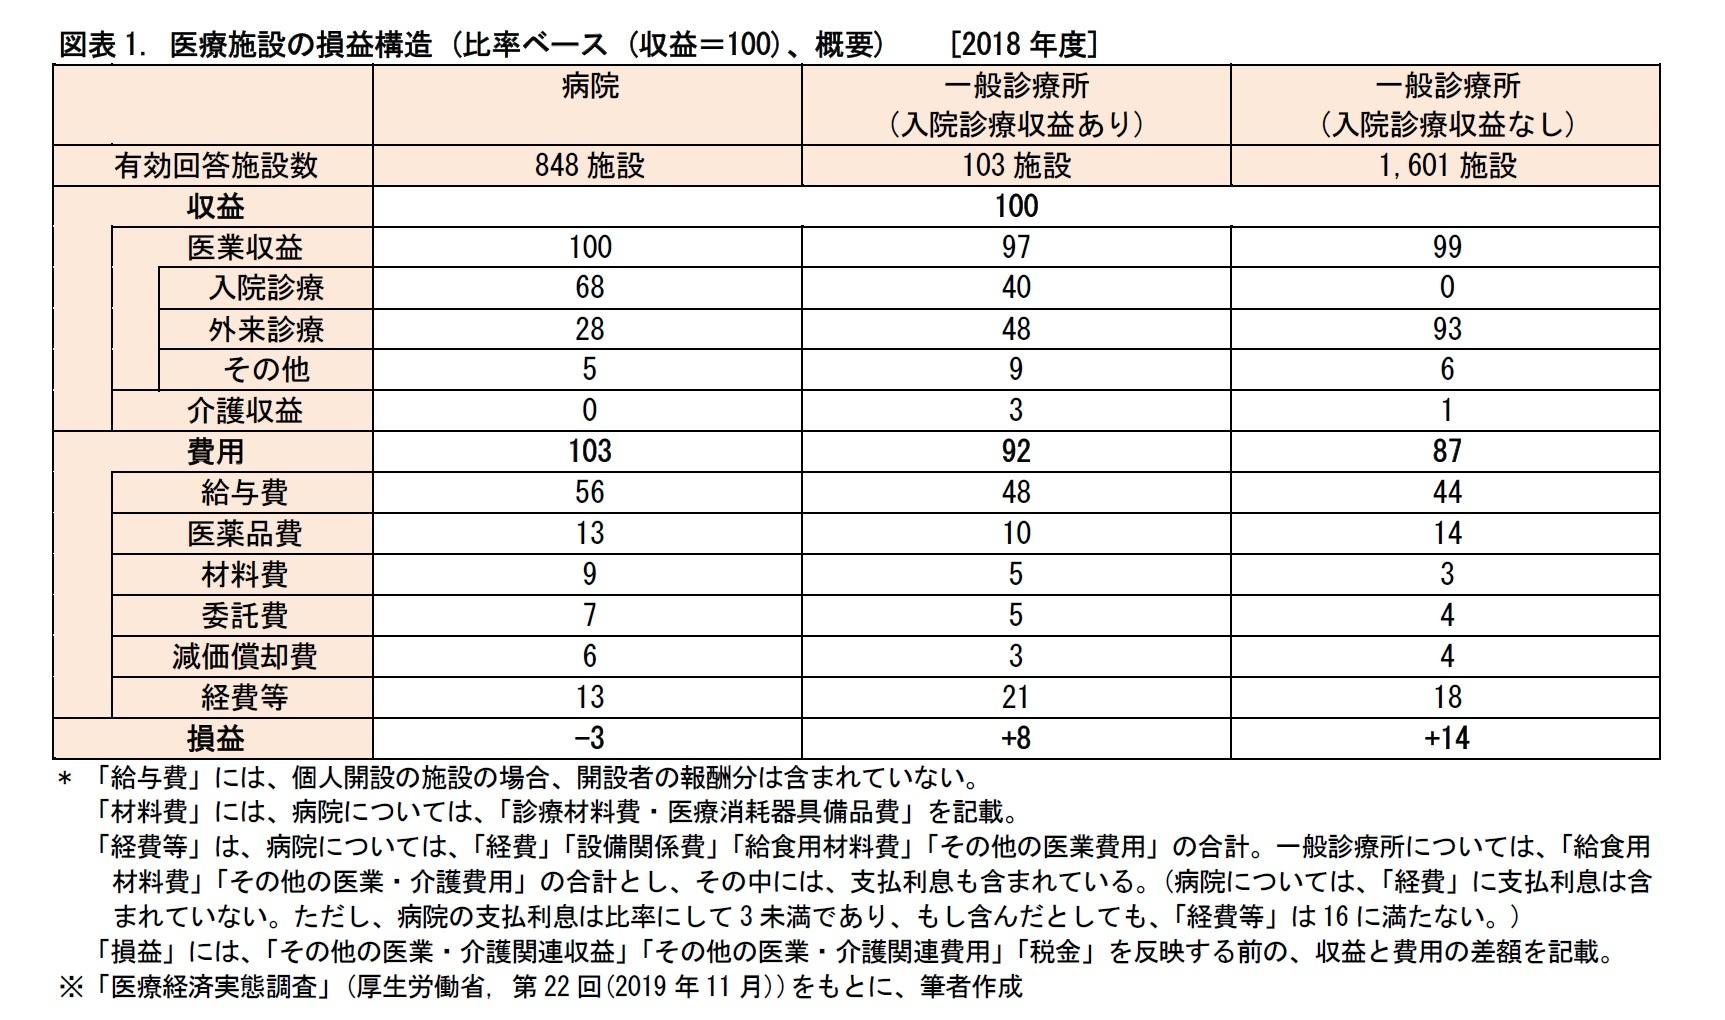 図表1. 医療施設の損益構造 (比率ベース (収益=100)、概要)[2018年度]